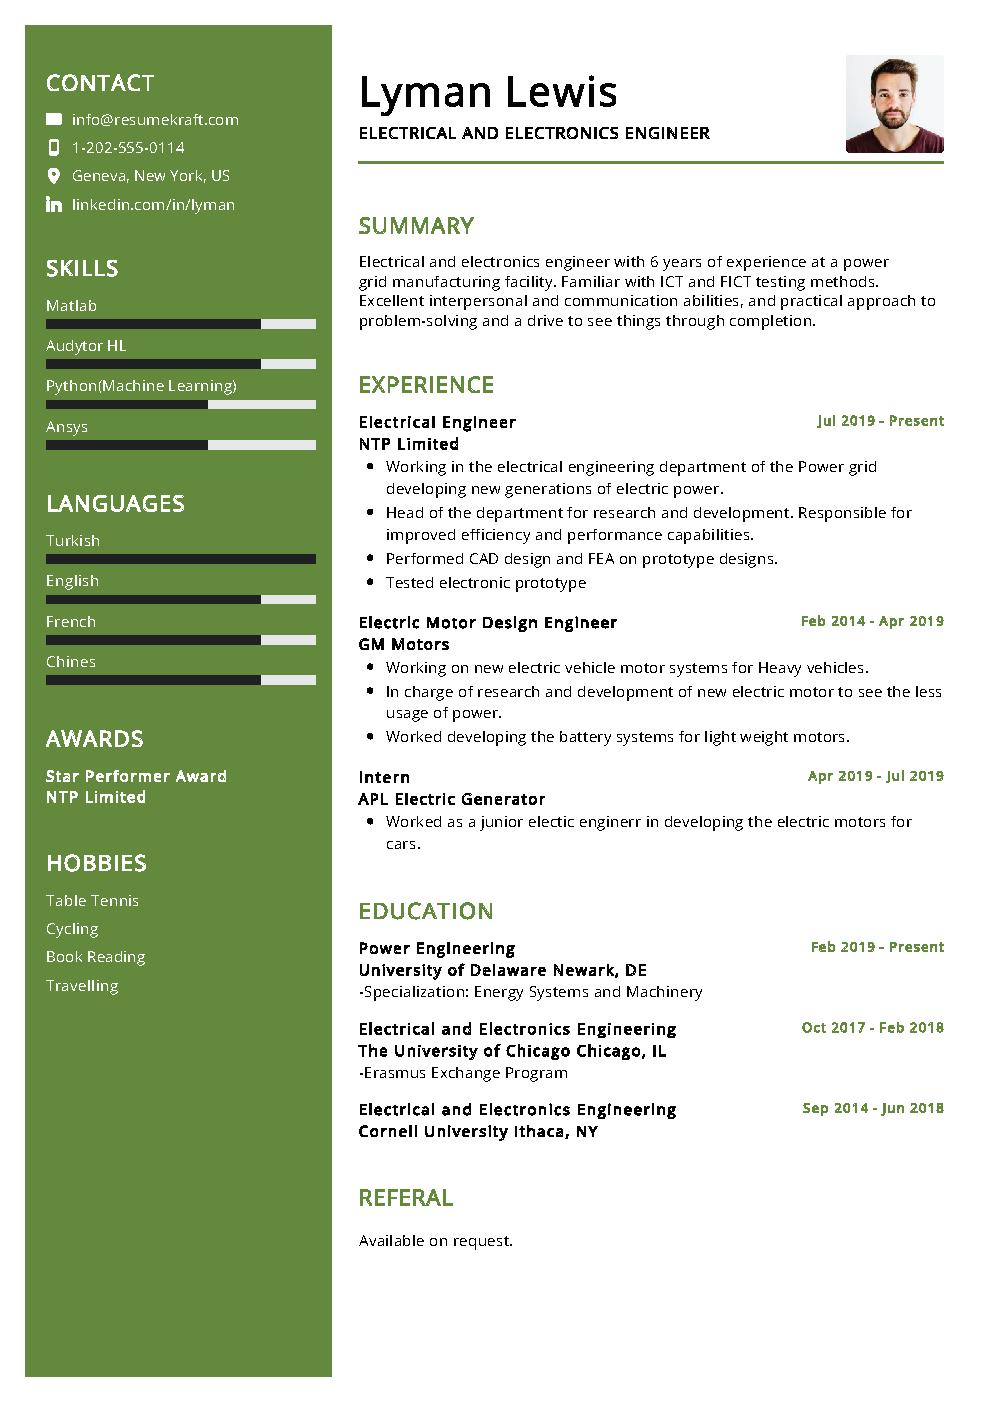 Electrical Engineer Resume Sample | PDF Download - ResumeKraft